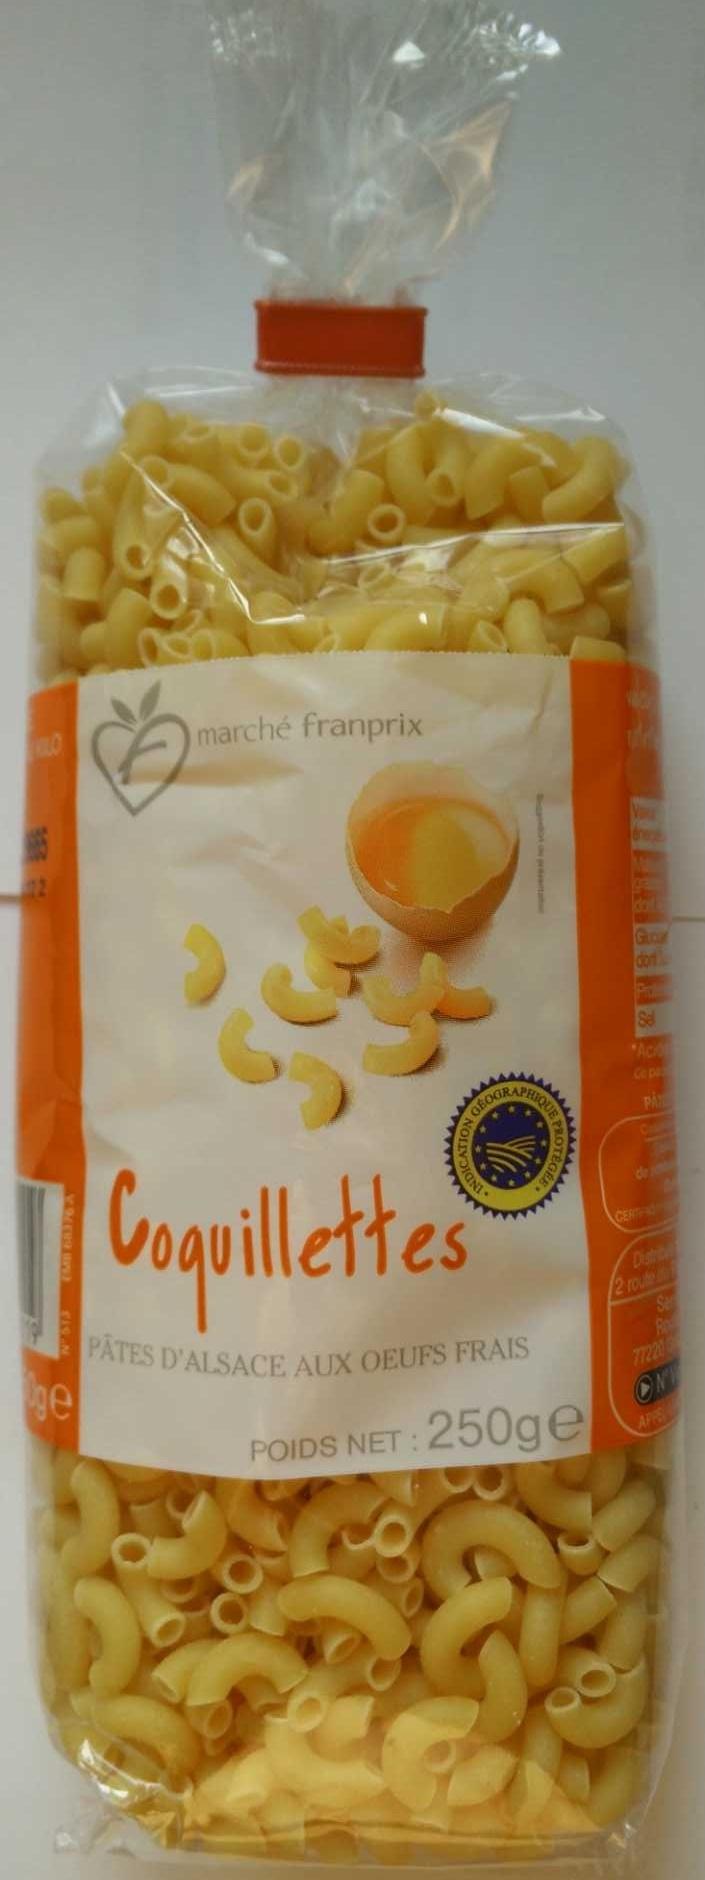 Coquillettes, Pâtes d'Alsace aux œufs frais - Produit - fr